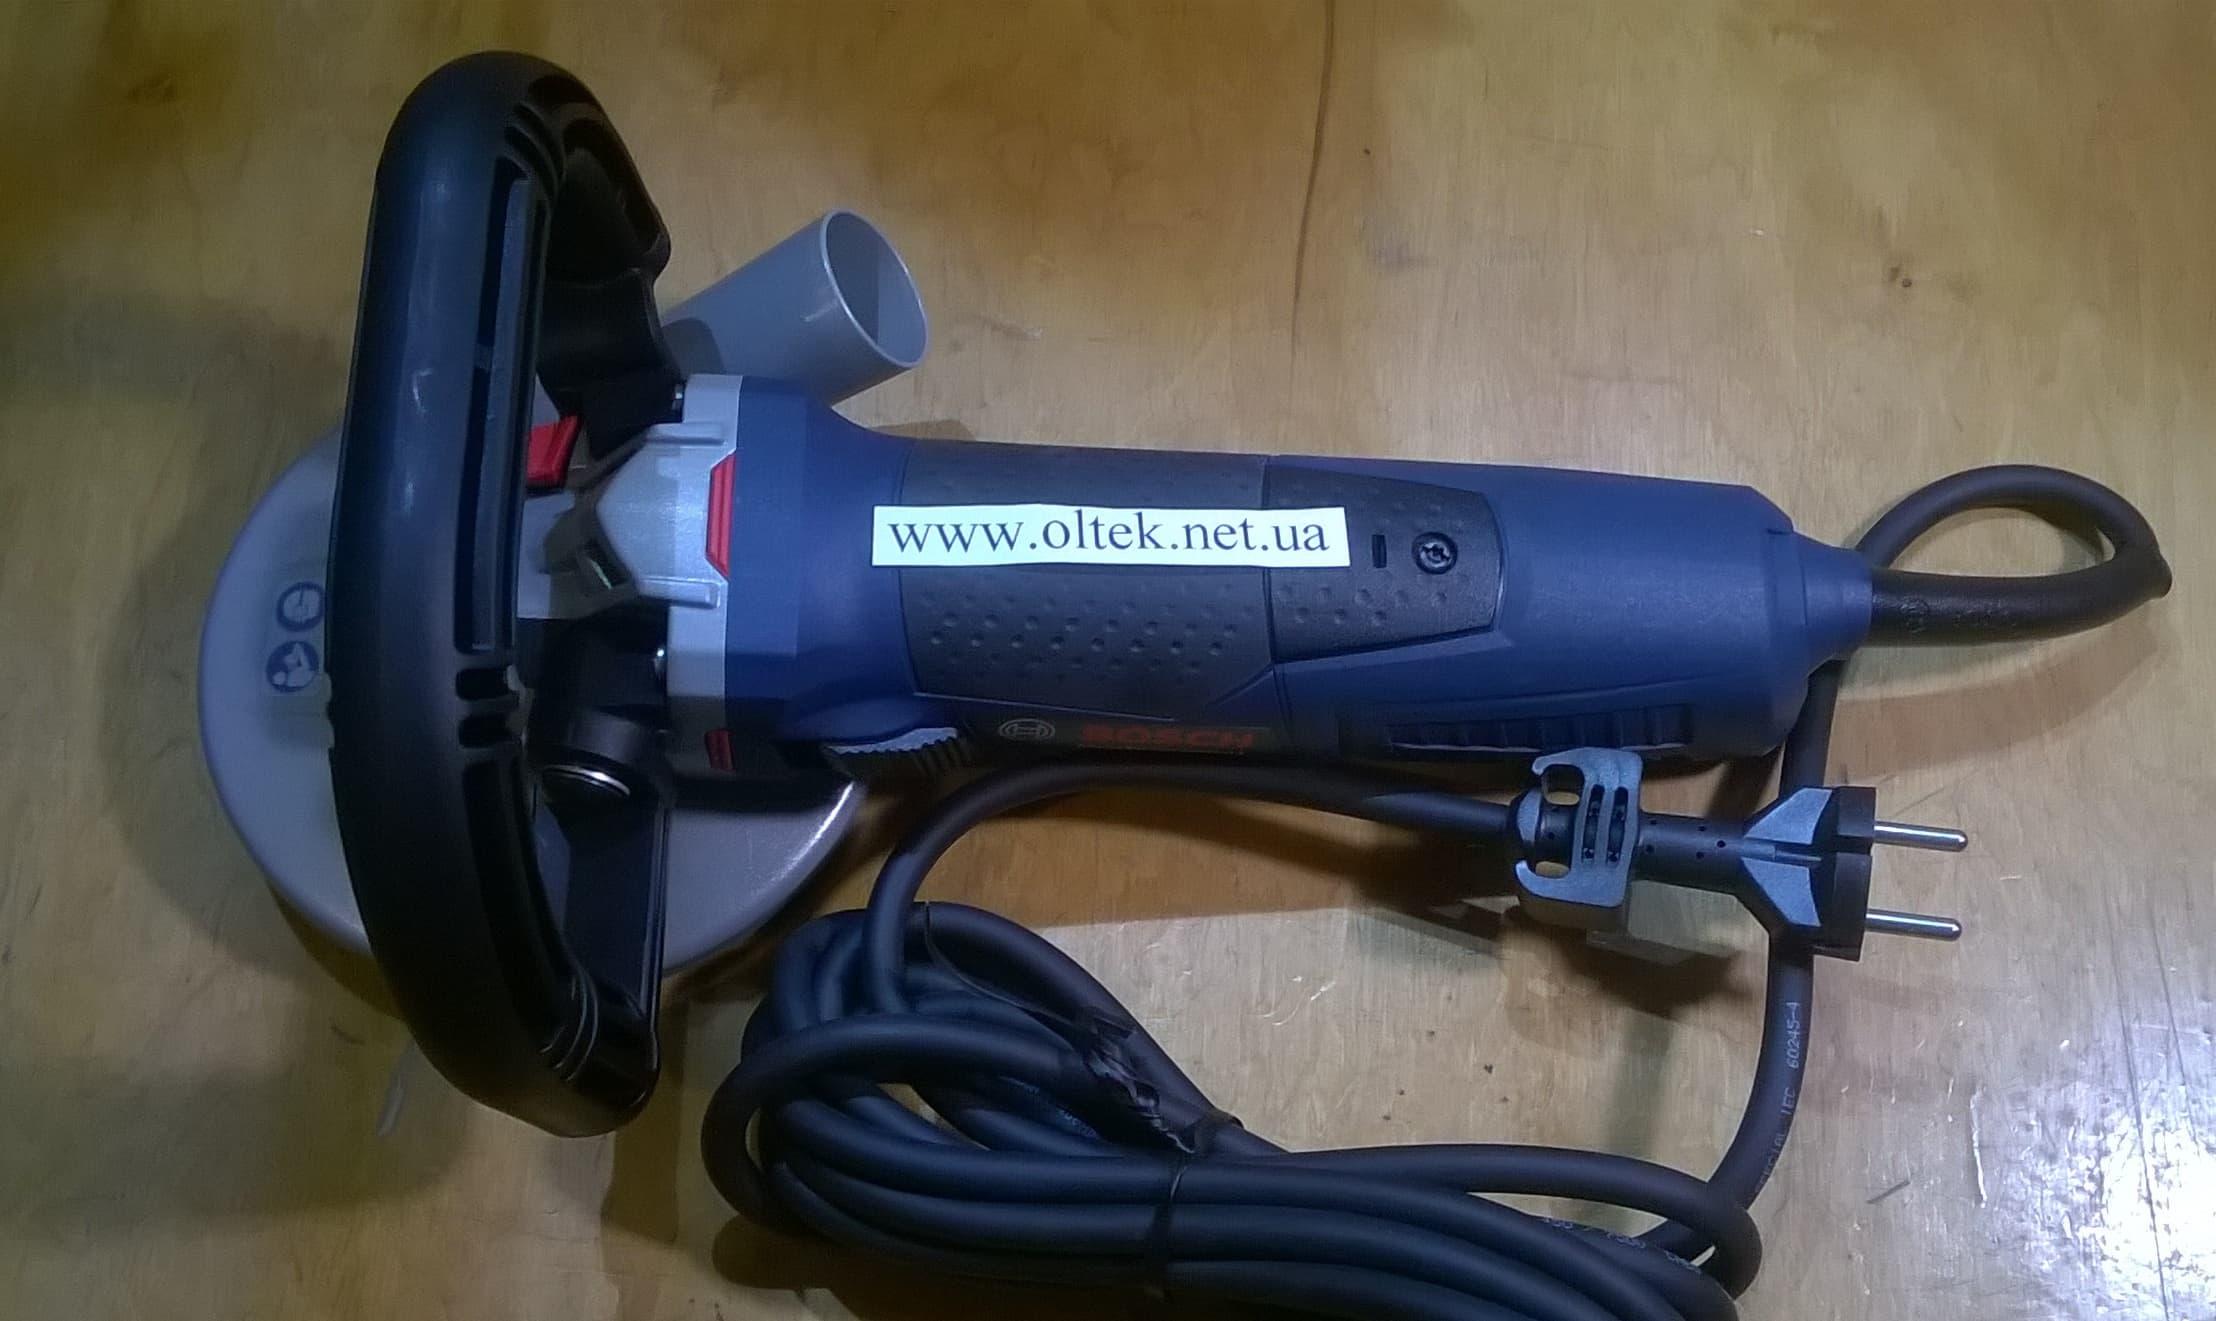 Bosch GBR 15 CA-oltek-net-ua